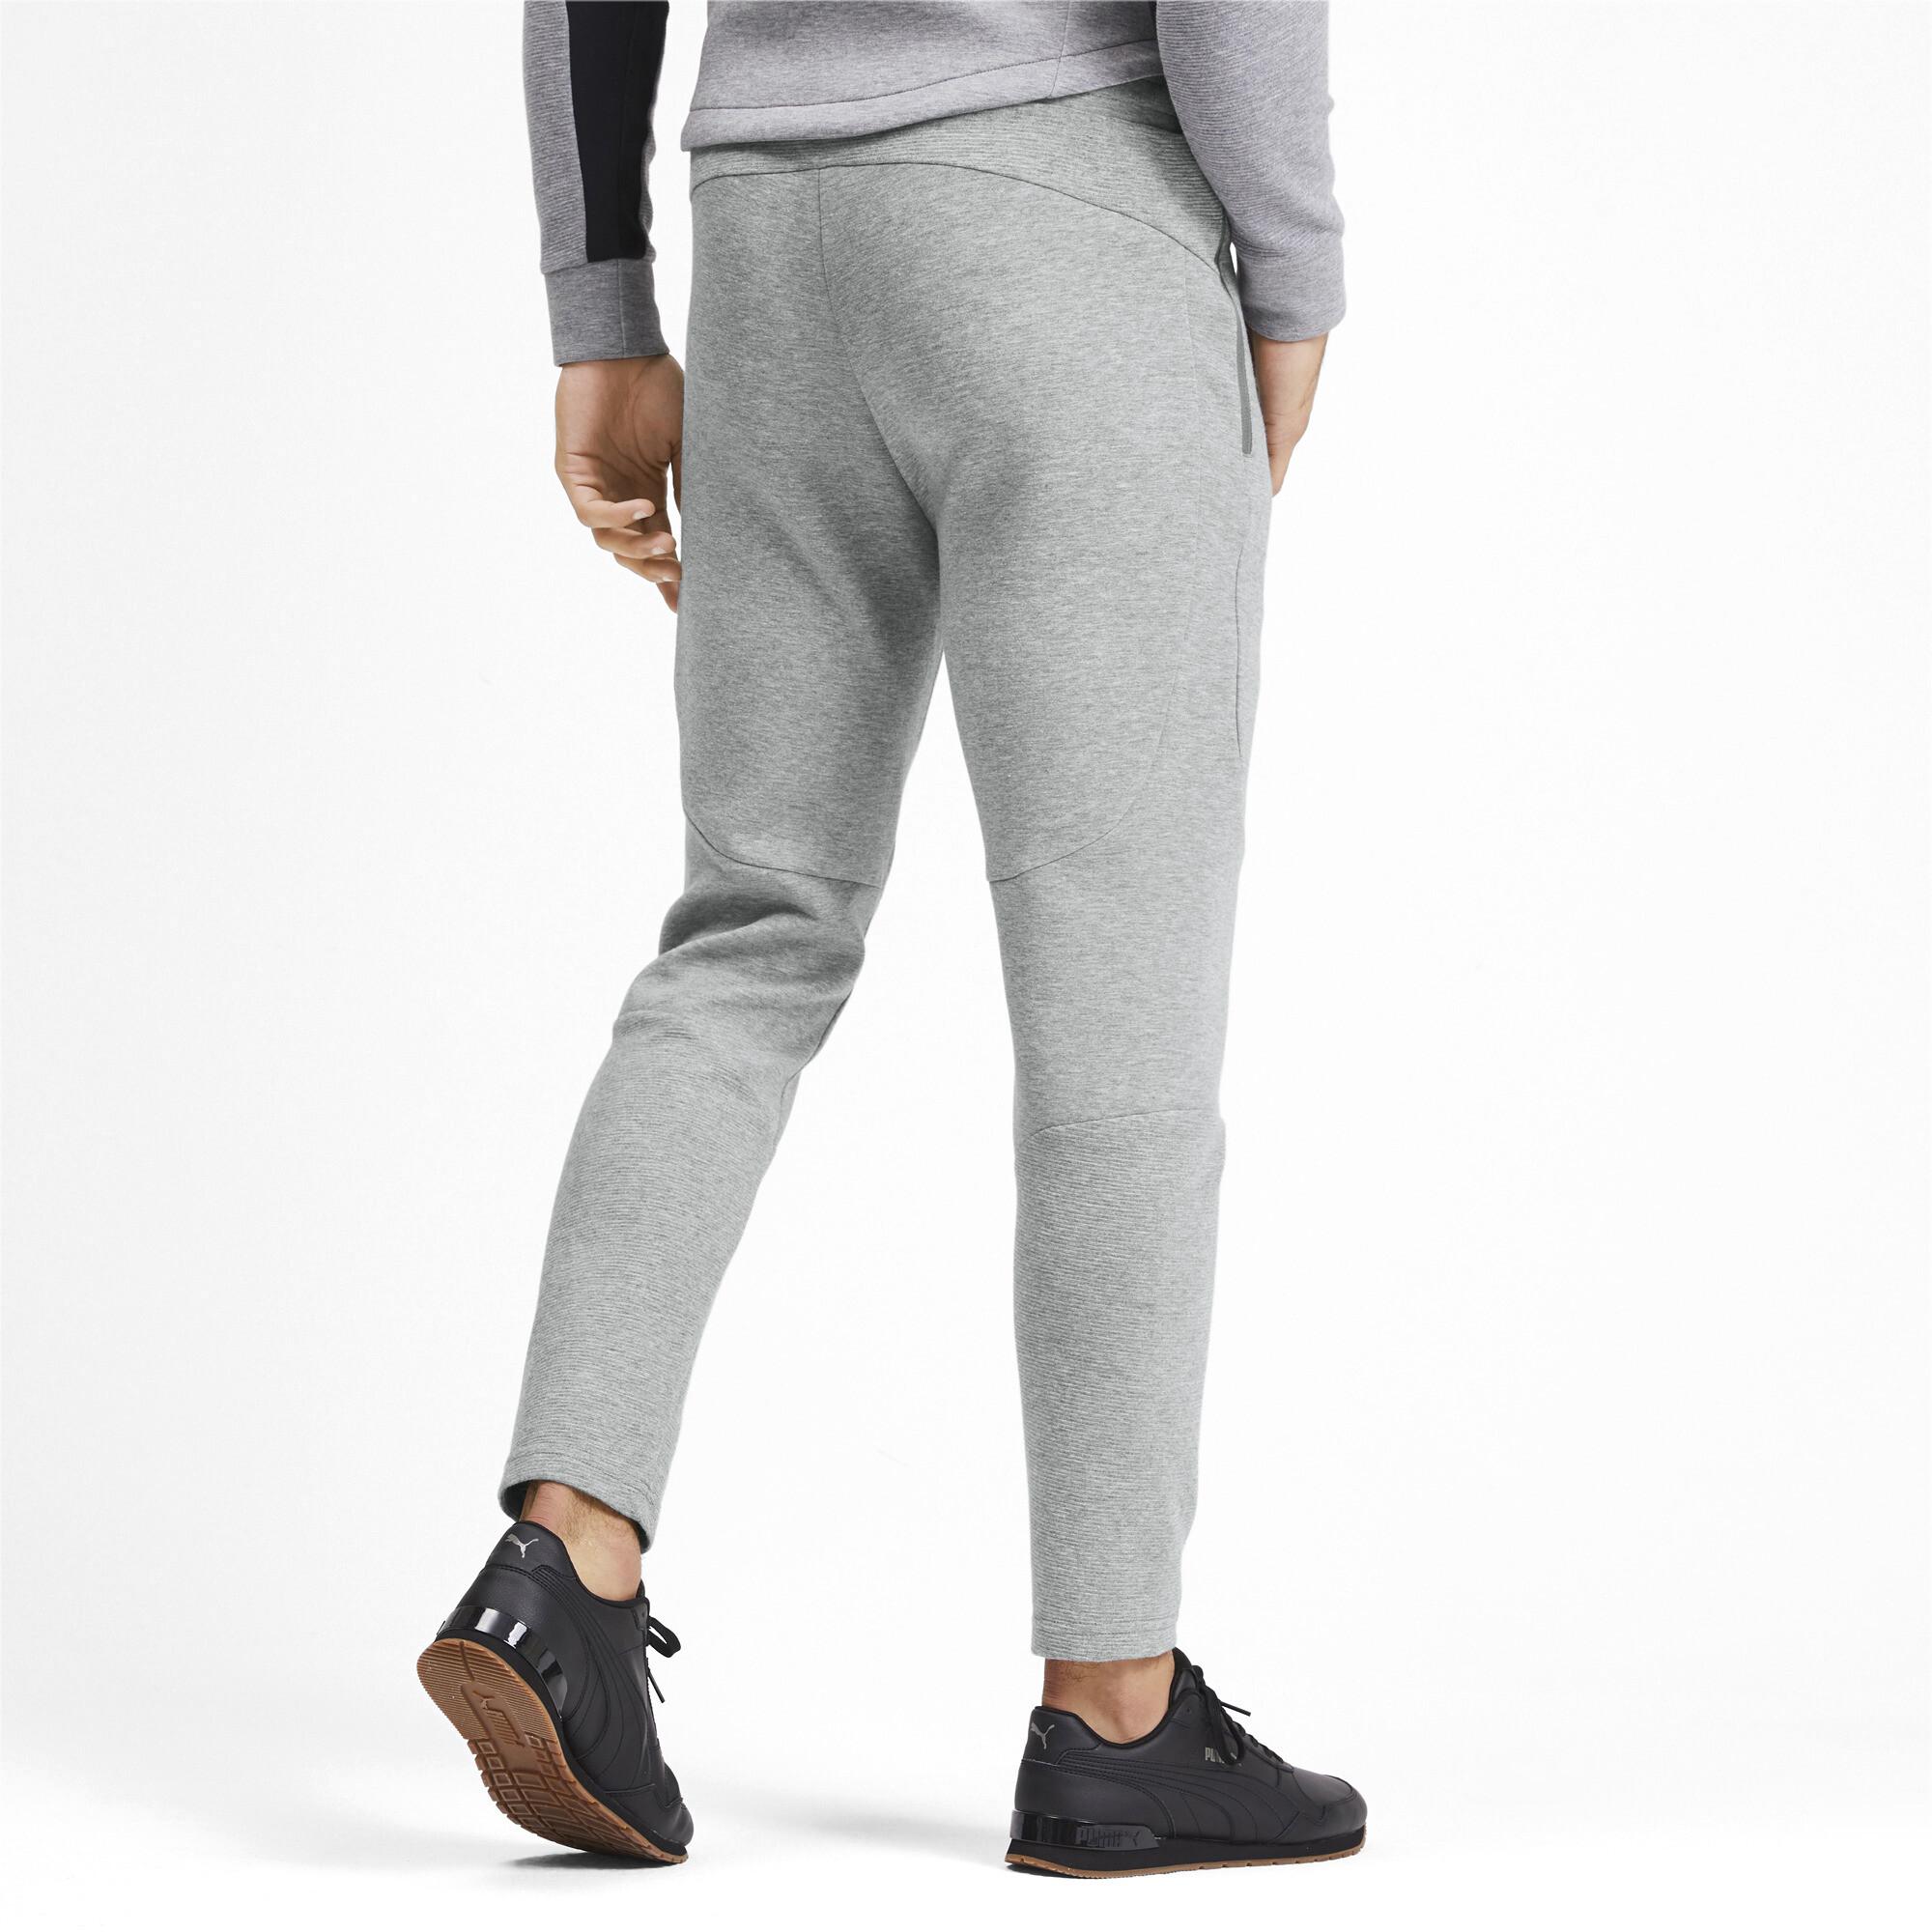 PUMA-Evostripe-Men-039-s-Pants-Men-Knitted-Pants-Basics thumbnail 5